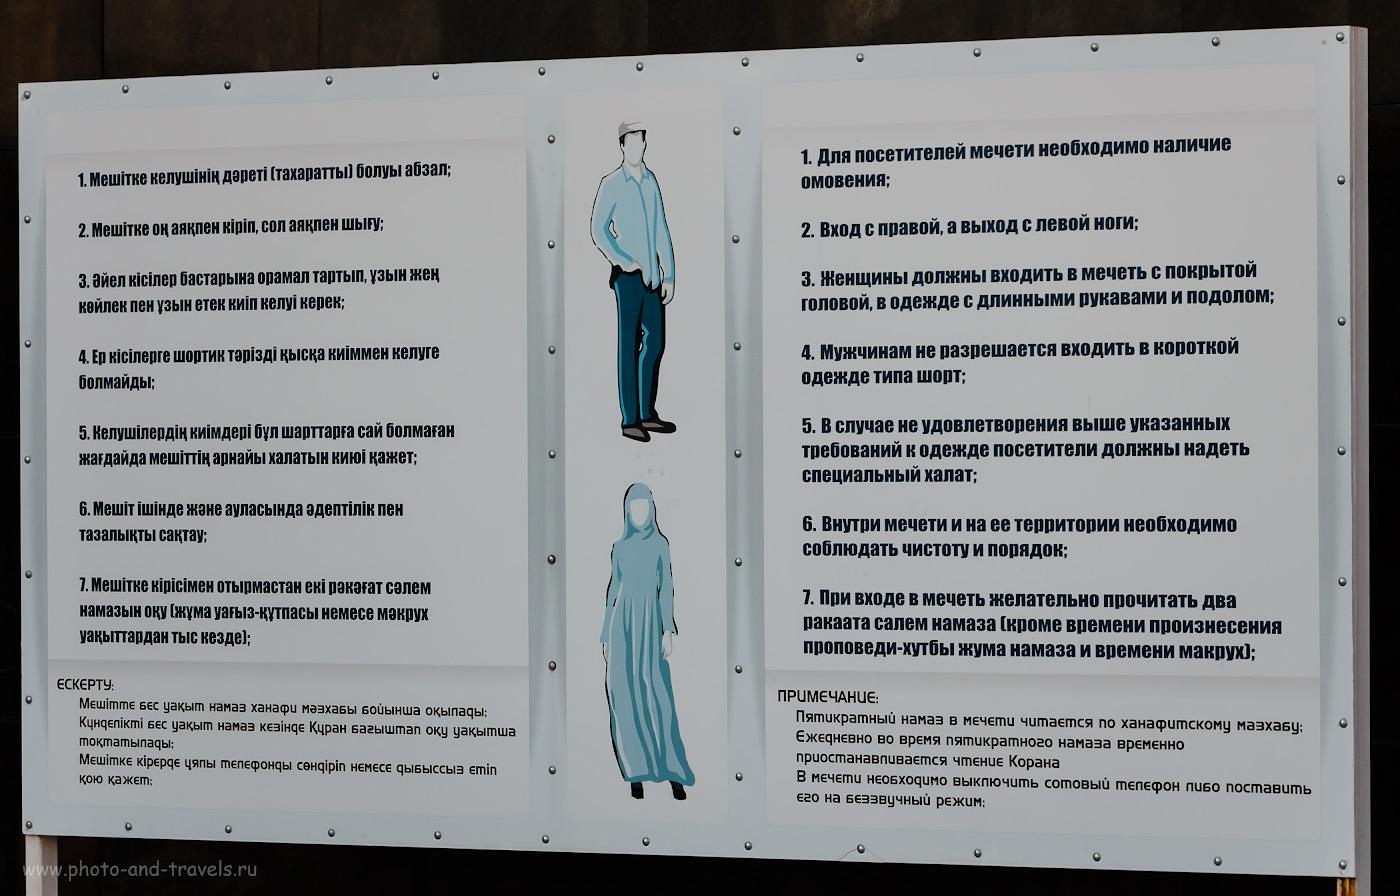 Снимок 26. Правила посещения мечети «Хазрет Султан». Если собрались на экскурсию, обязательно ознакомьтесь. 1/160, +0.3, 5.6, 200, 93.